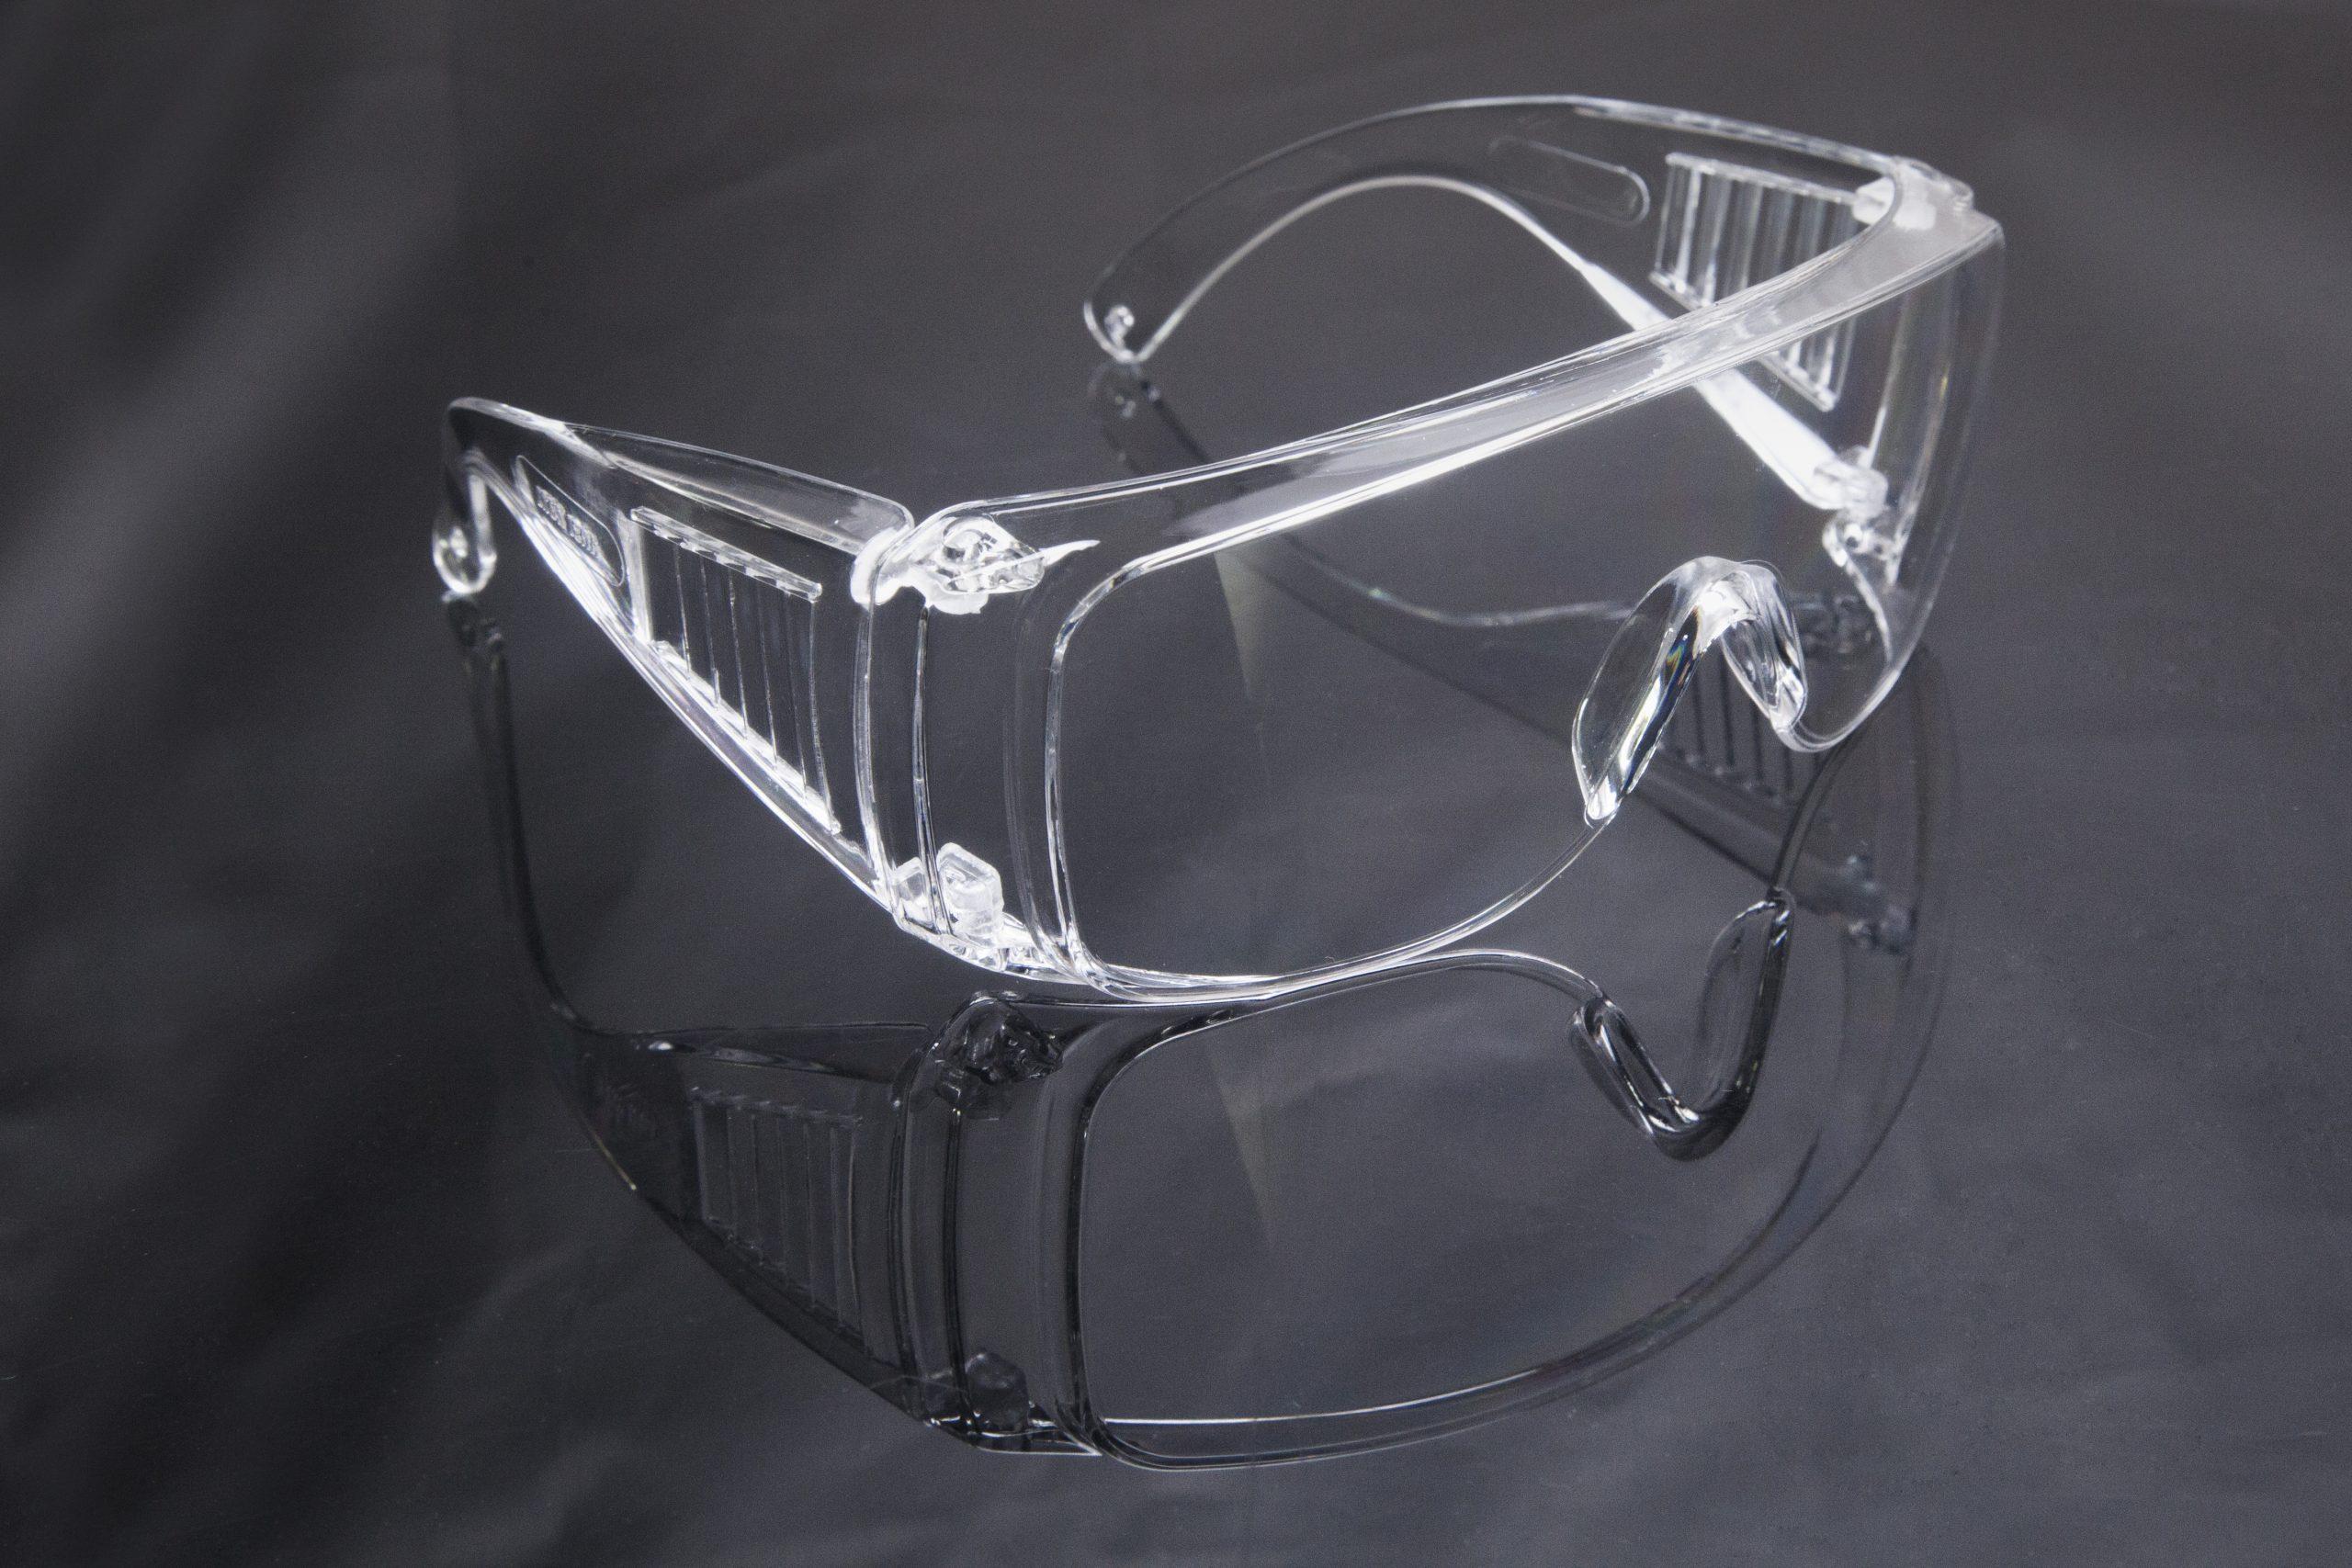 破雾护目镜价格多少(分享一款透气防护好的医用护目镜)